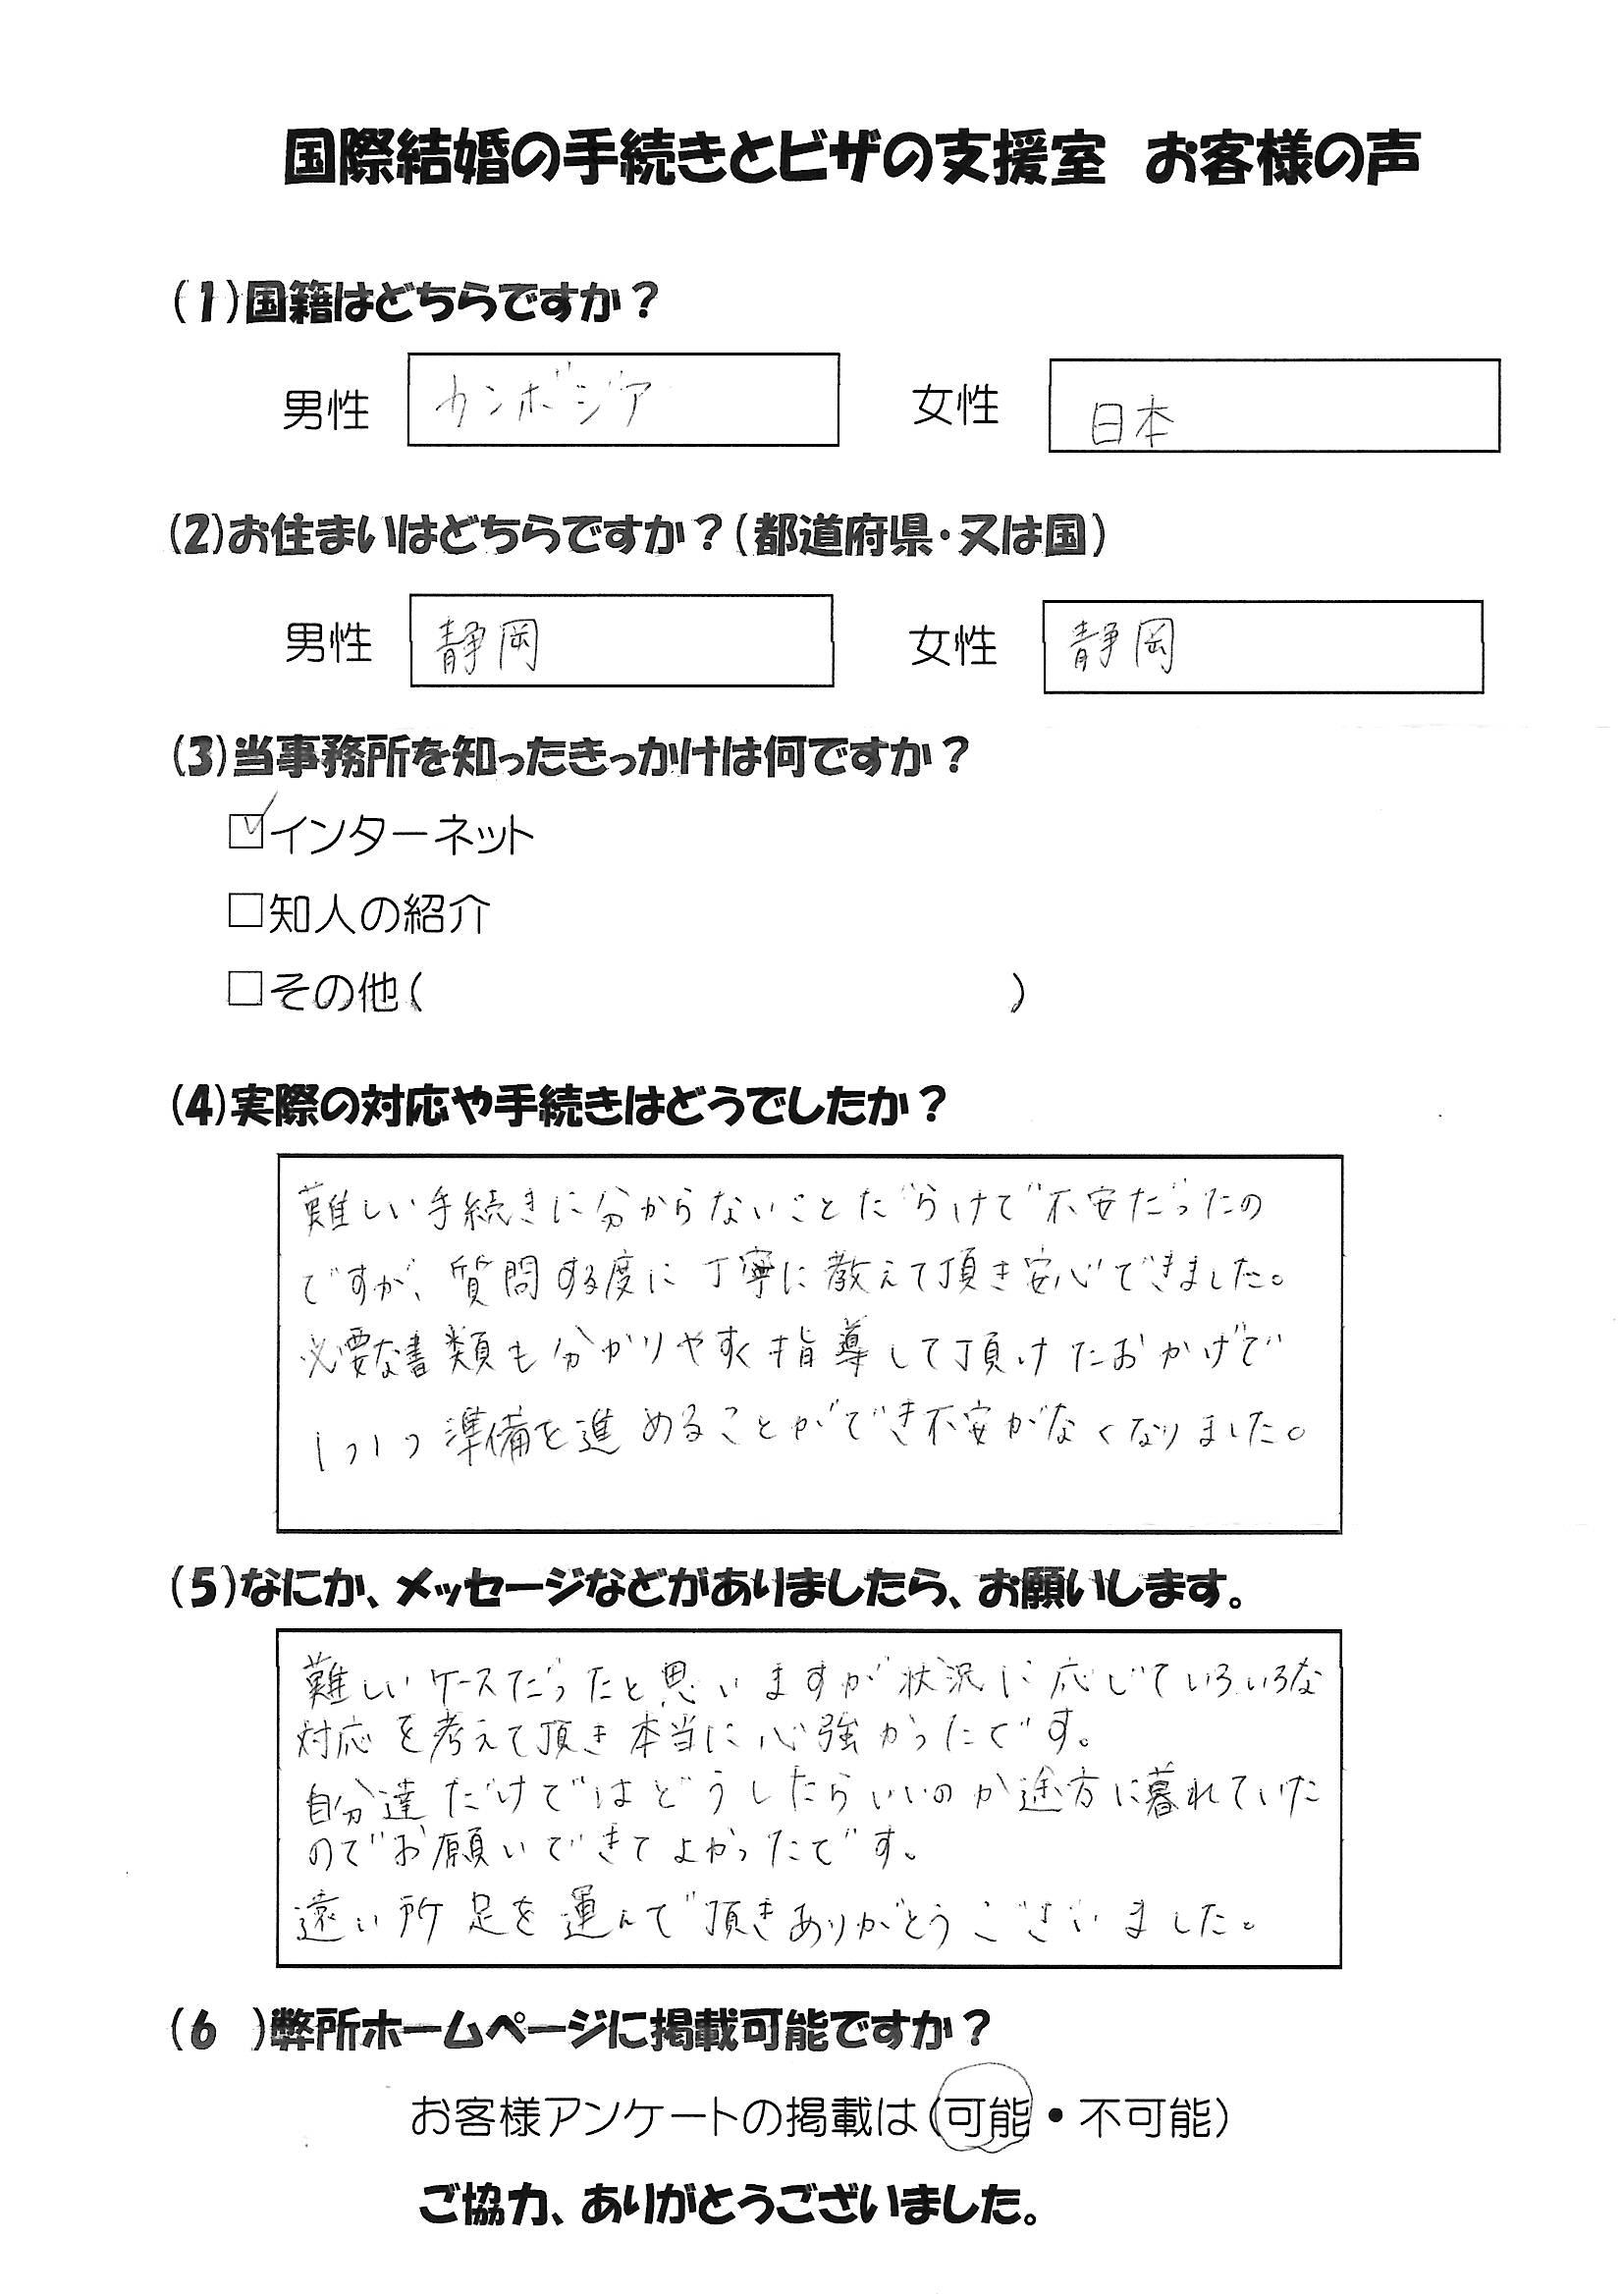 難民申請-日本人の配偶者等-不許可後の再申請